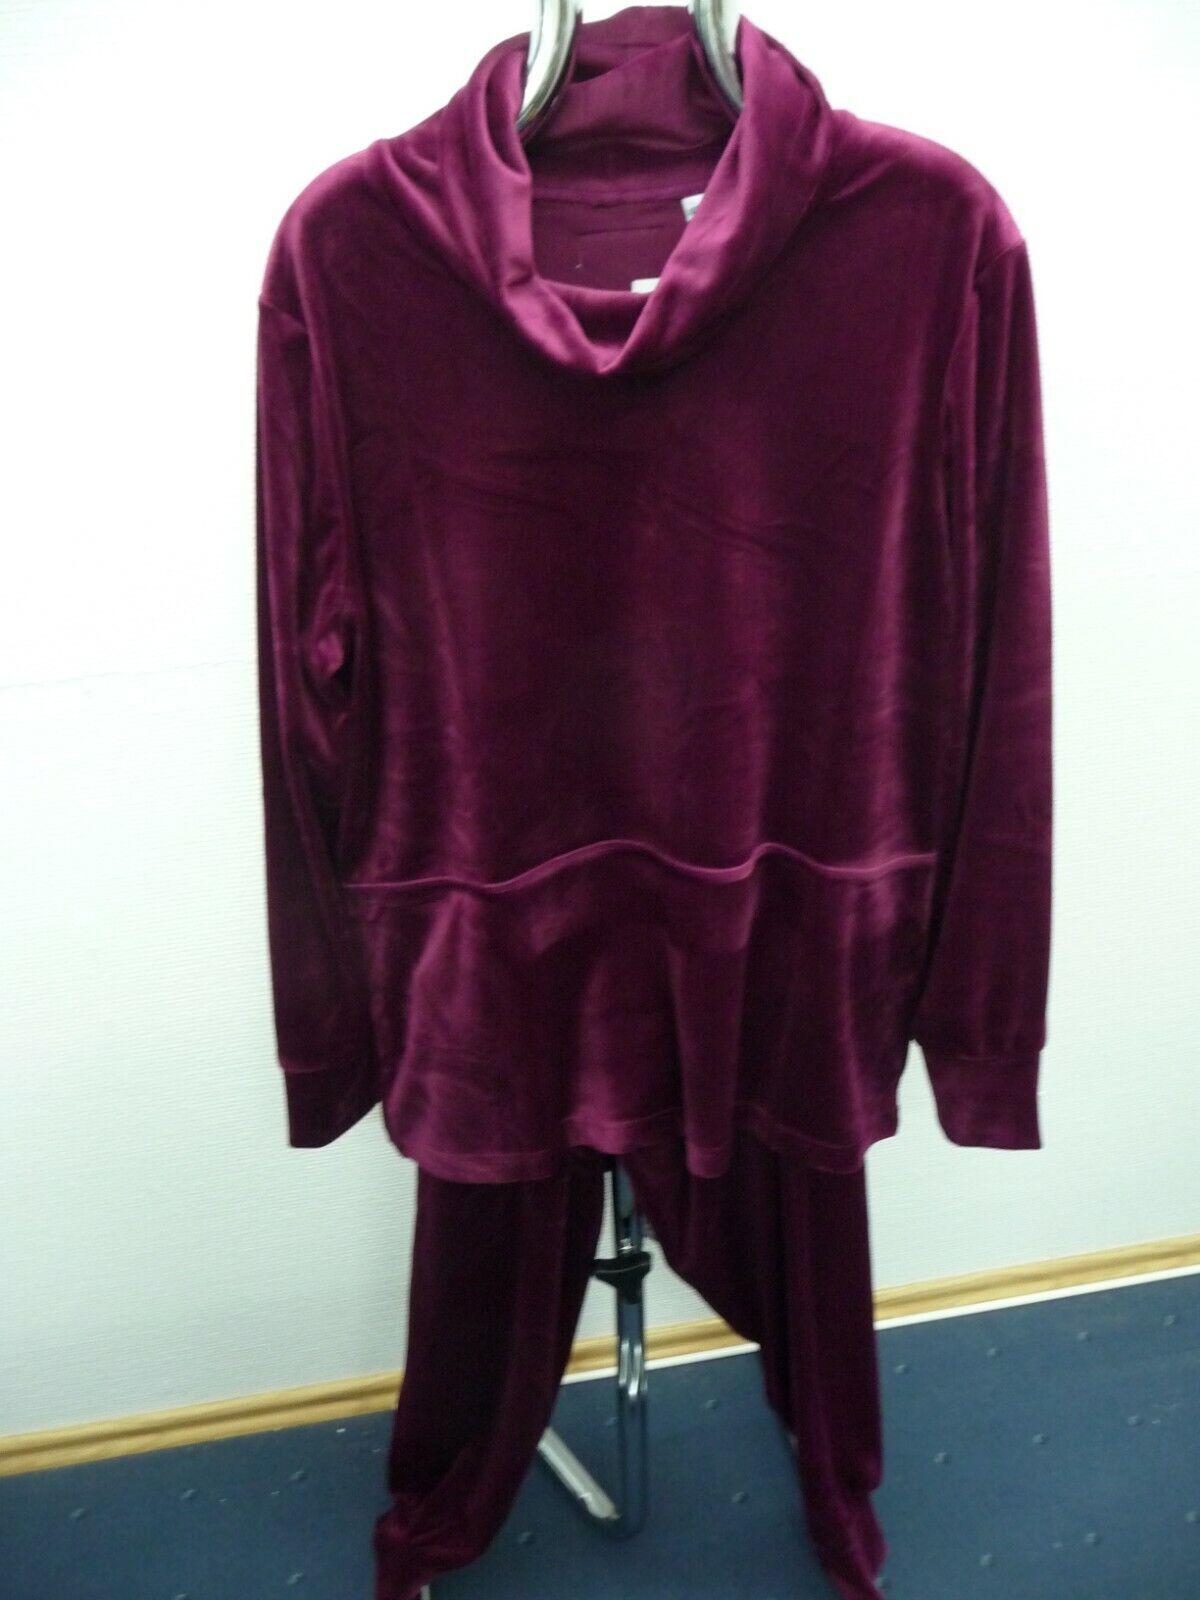 Damen Nicki-Anzug von Ringella Bloomy Art. 0553416 + 0553517 Fb 321 Beere Neu!